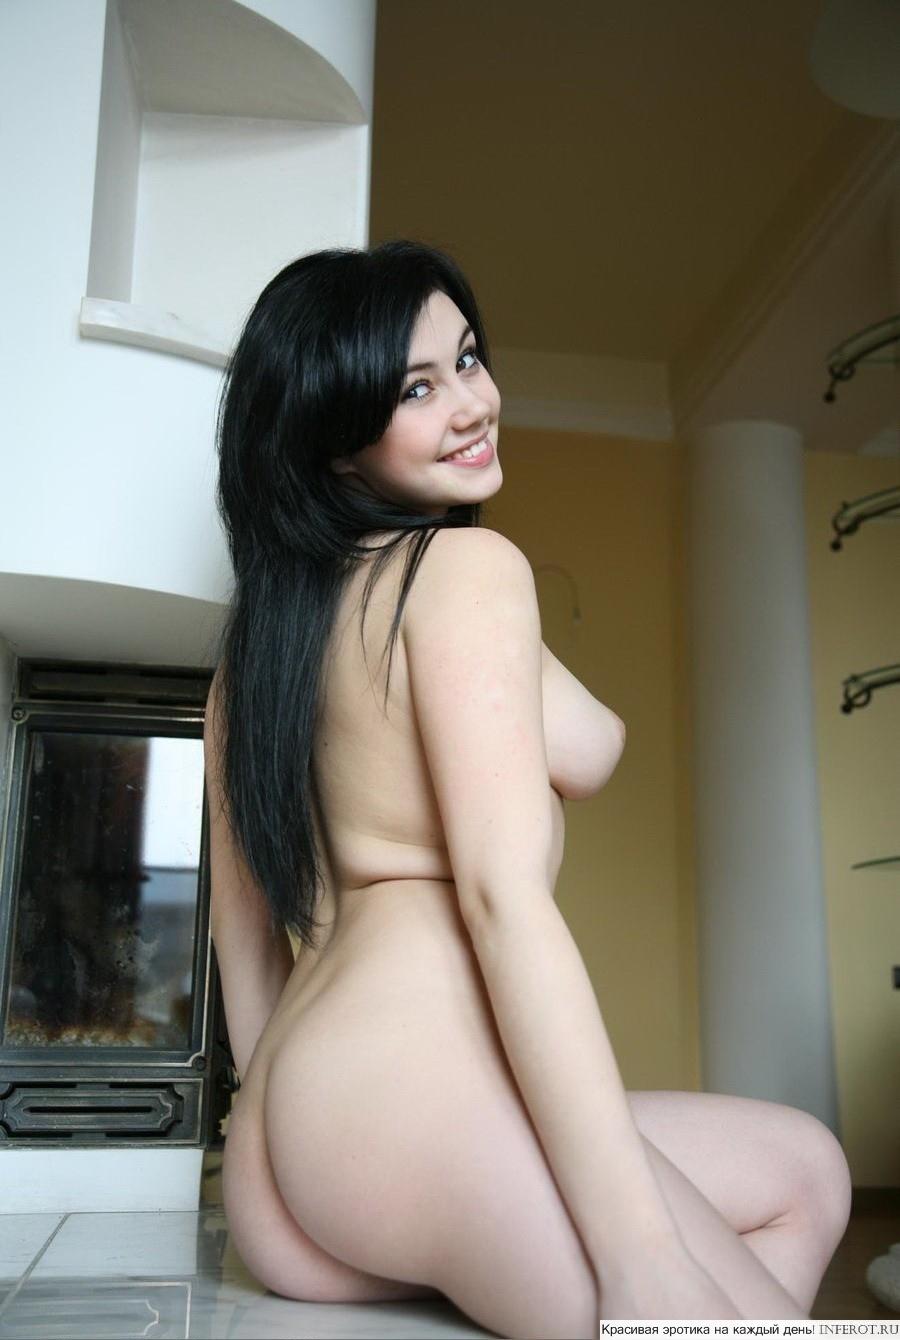 Эротический фотосет очень позитивной и приятной девушки (15 фото)